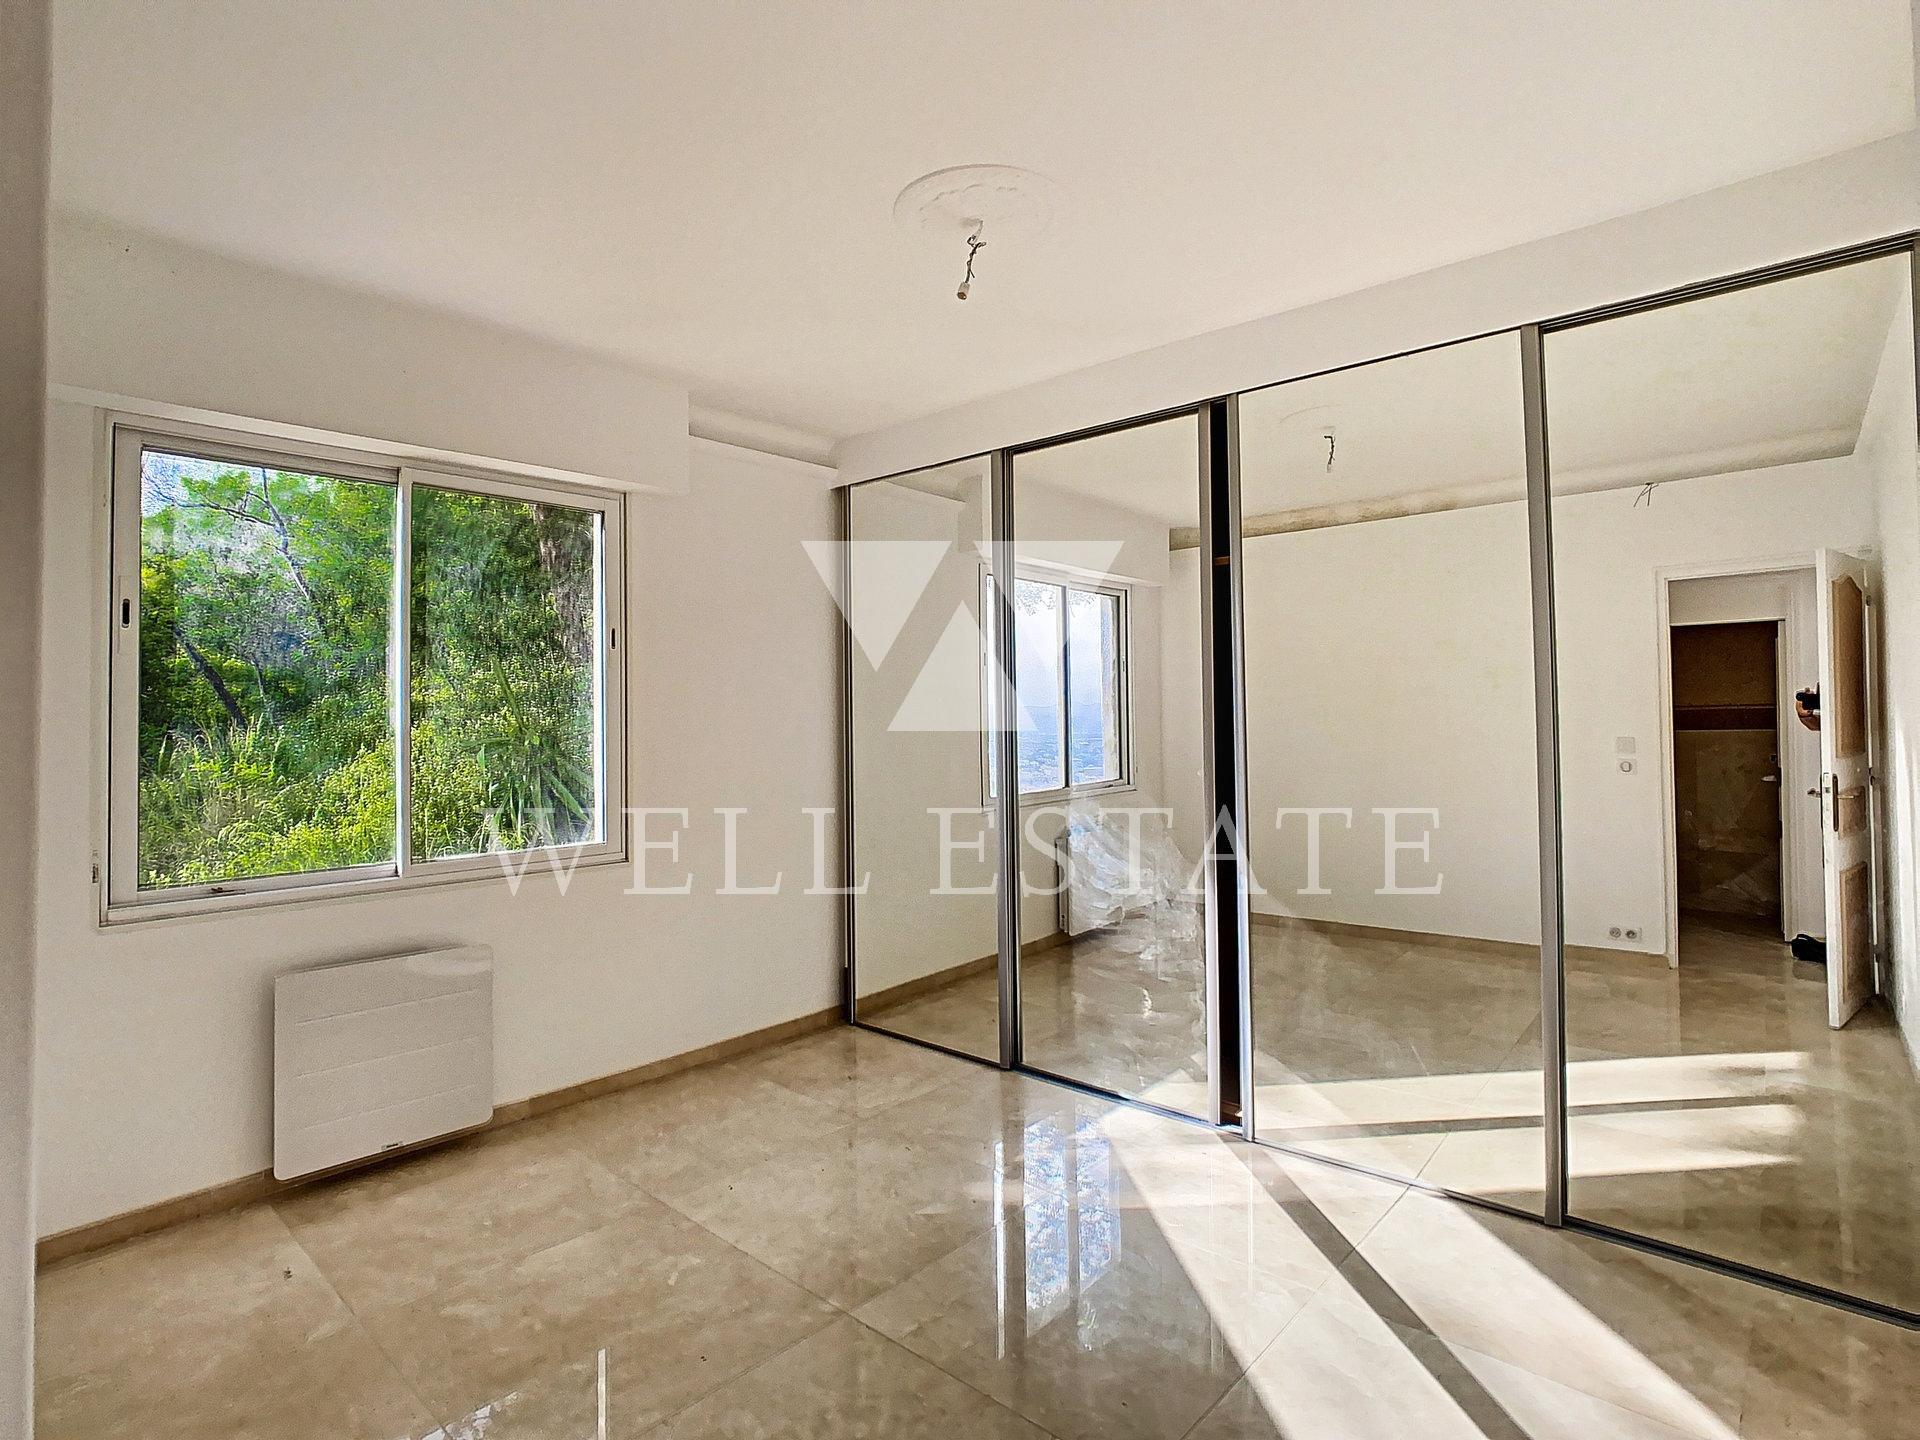 Sale Apartment - Cannes Super Cannes